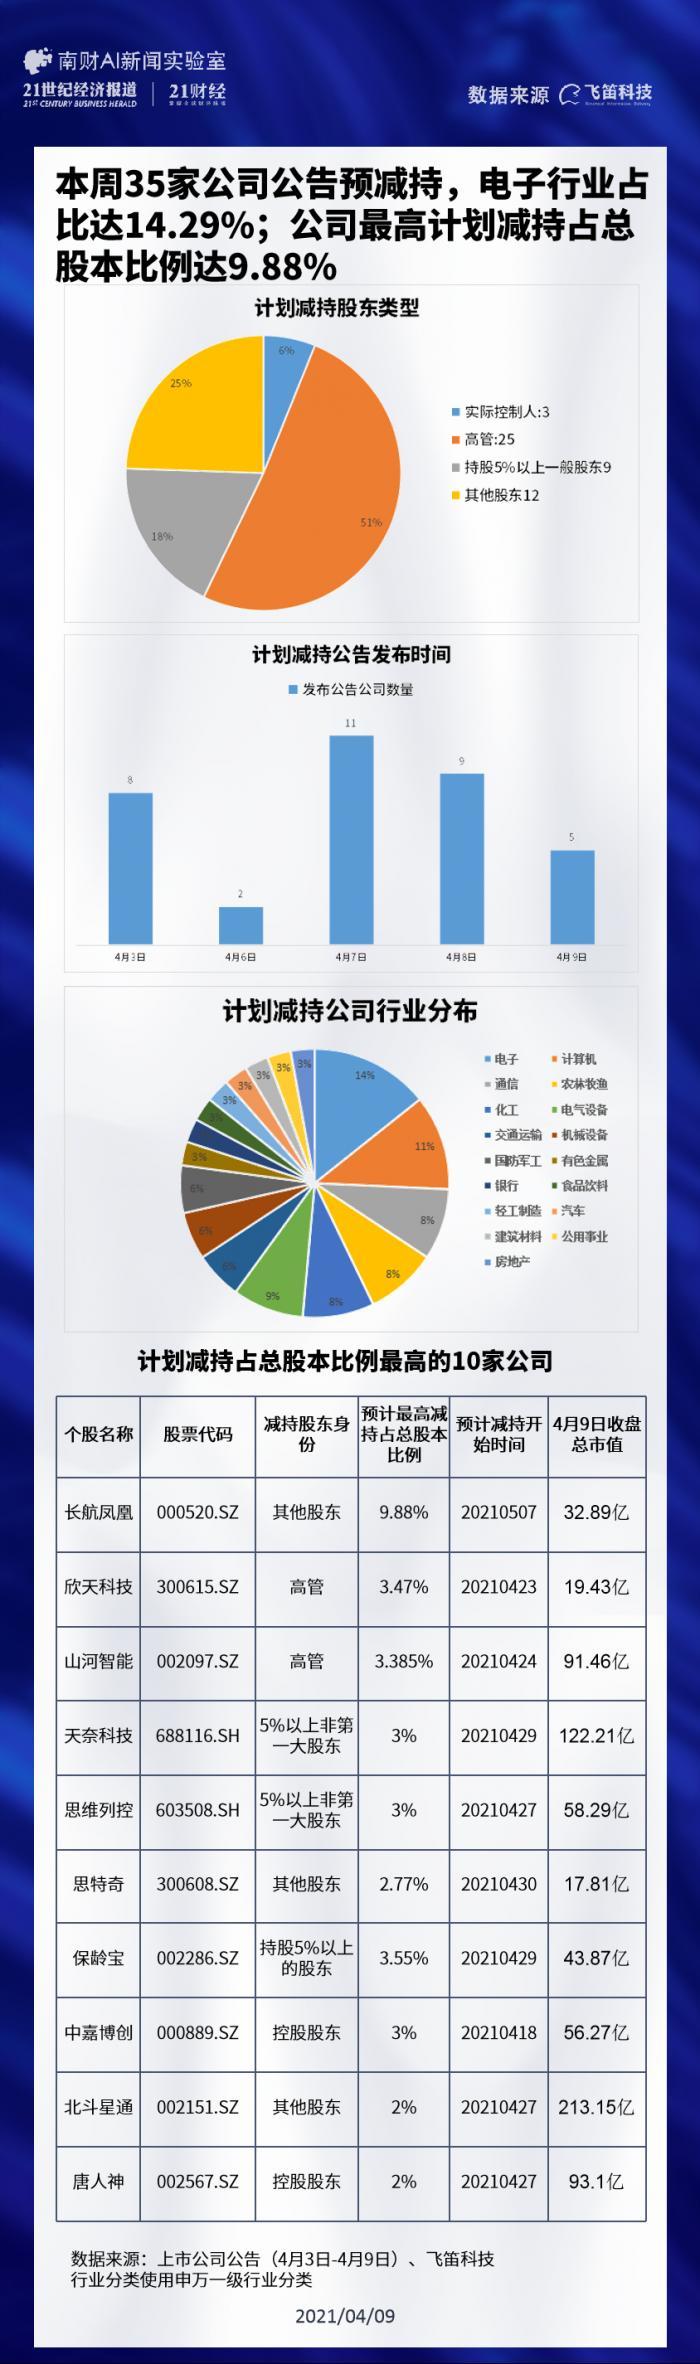 一周减持榜:35家公司公告预减持 电子行业占比达14.29%